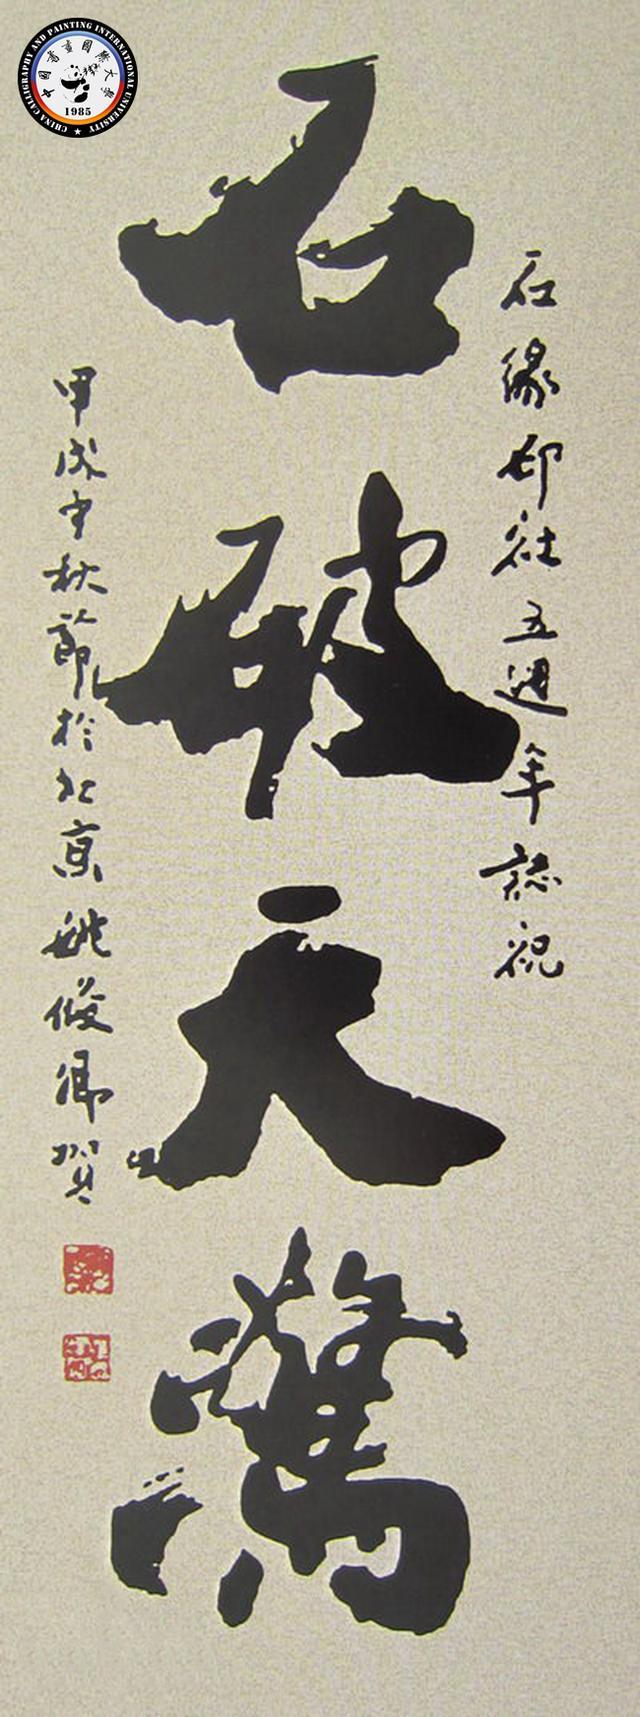 姚金良书法作品_师古不泥!中国书画国际大学教授姚俊卿的书法理念与创新精神